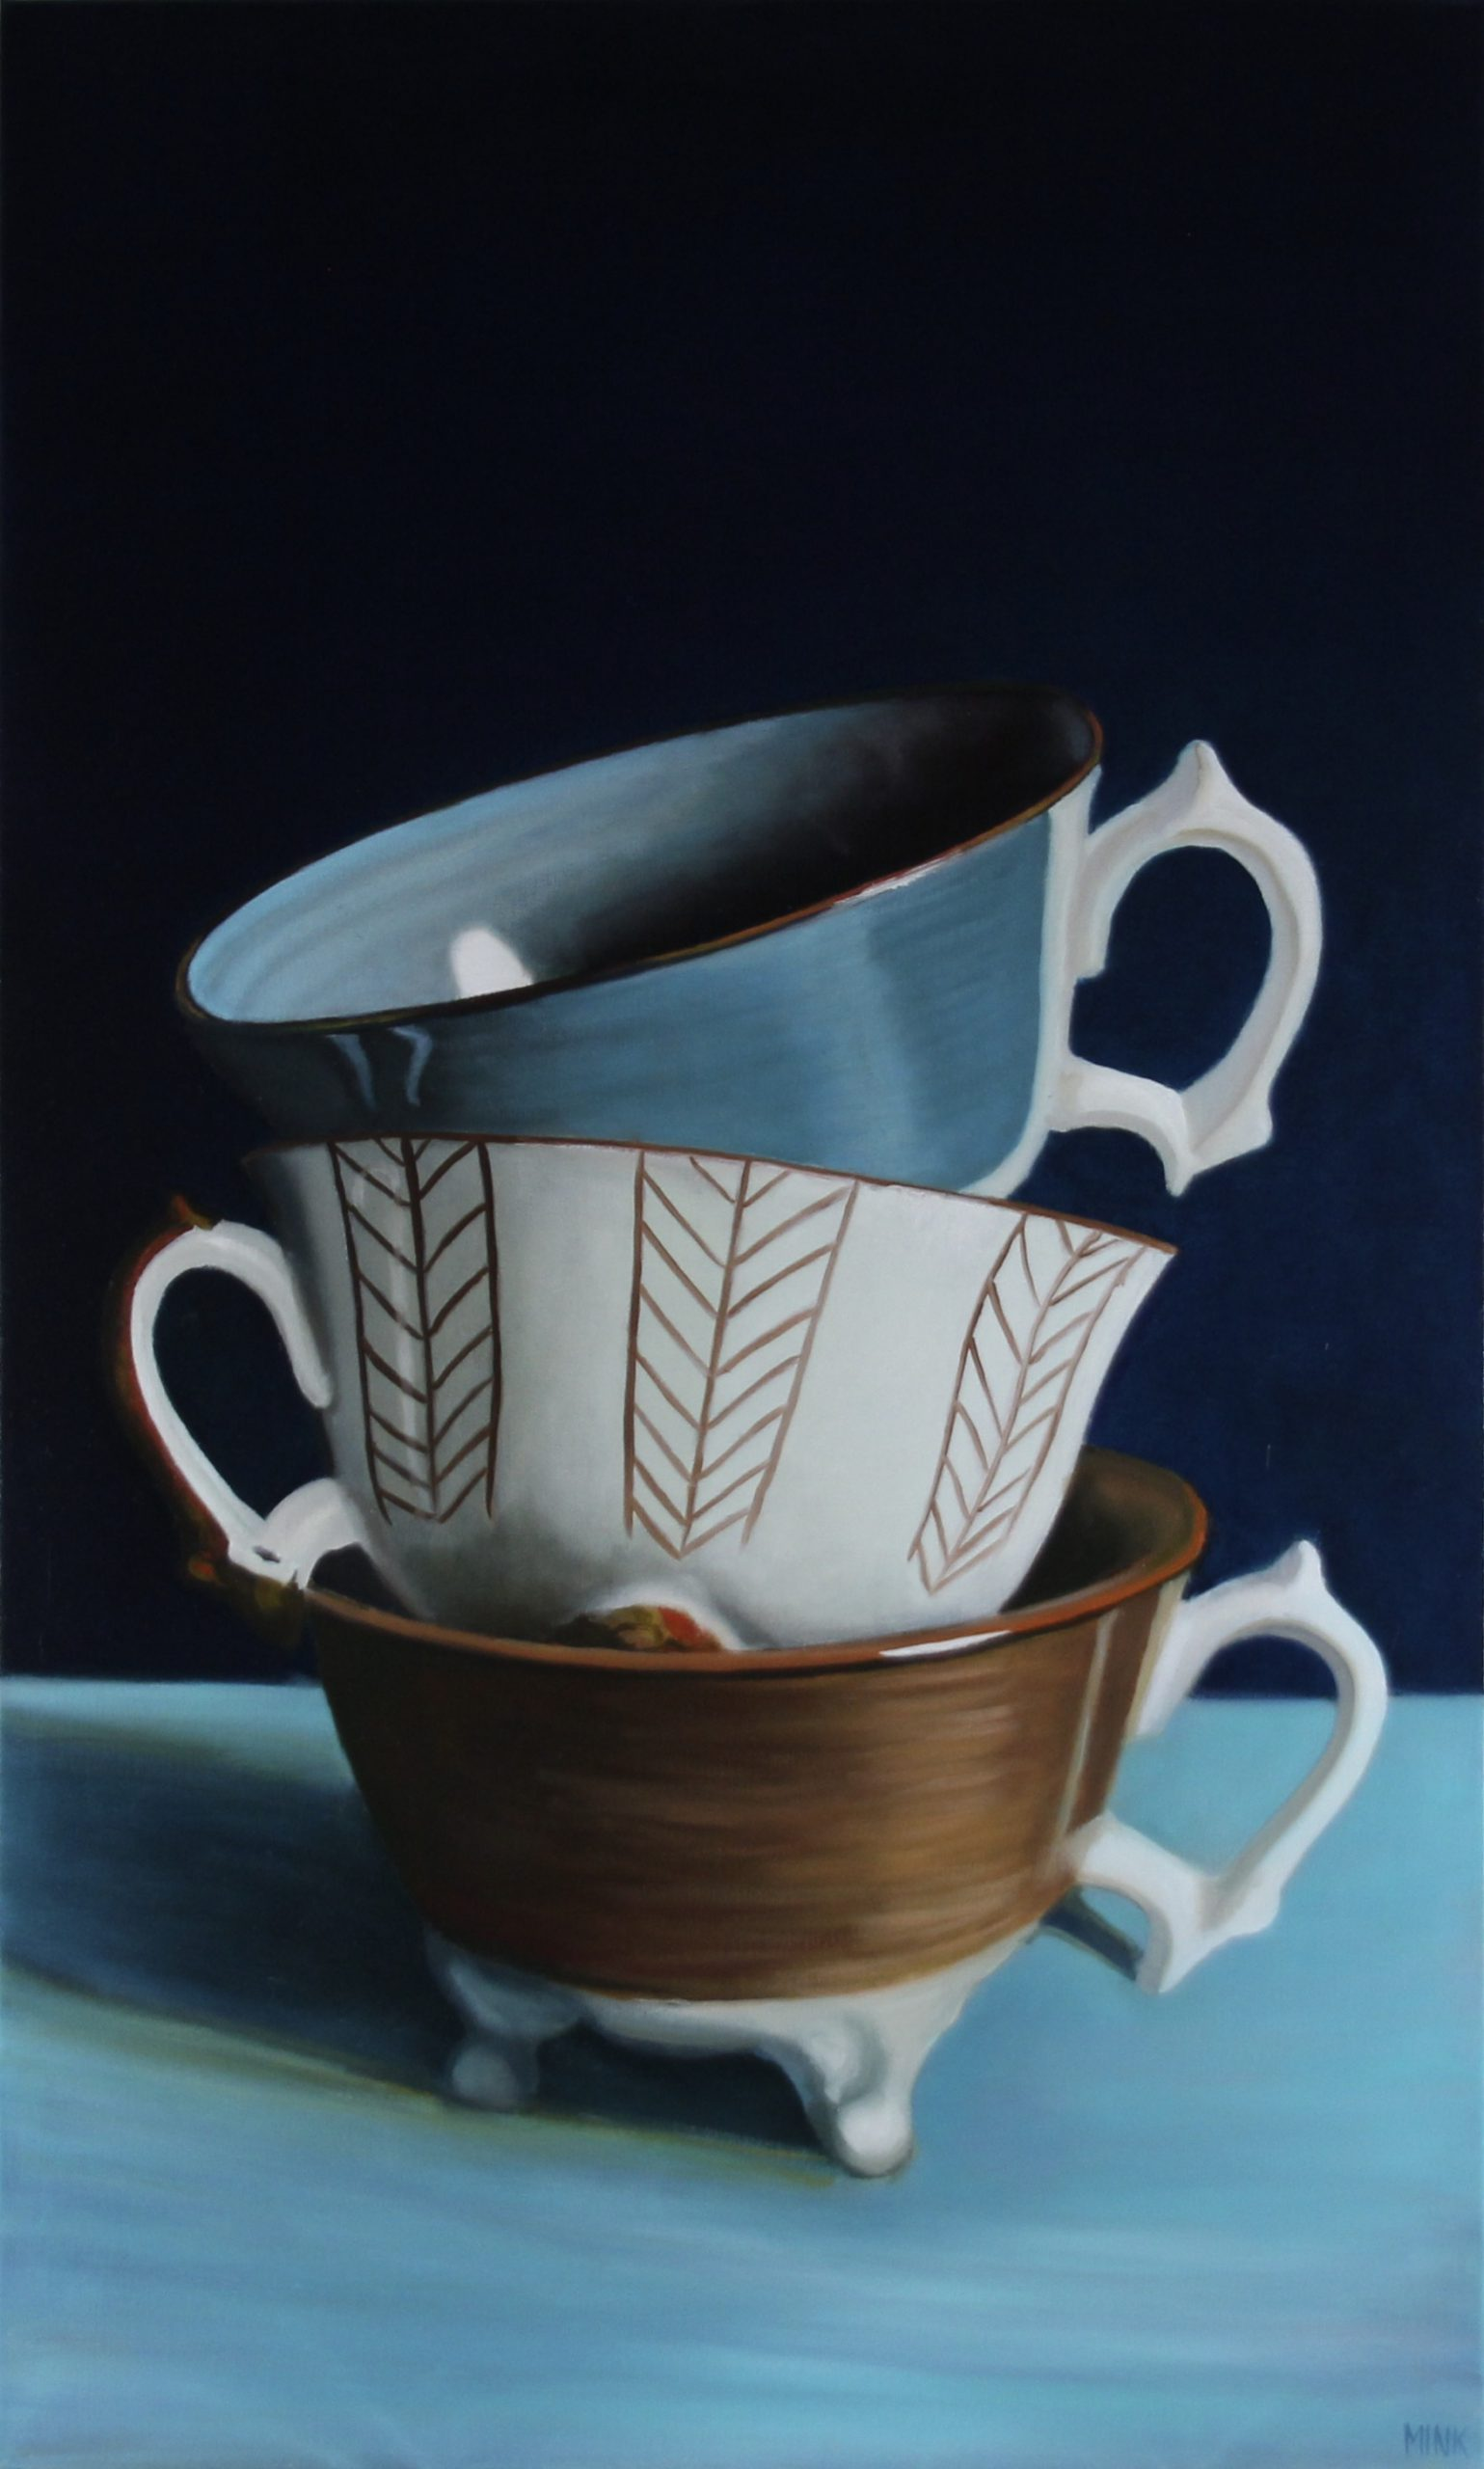 Kunst: Budapest – Stapled Cups van kunstenaar Minke Buikema